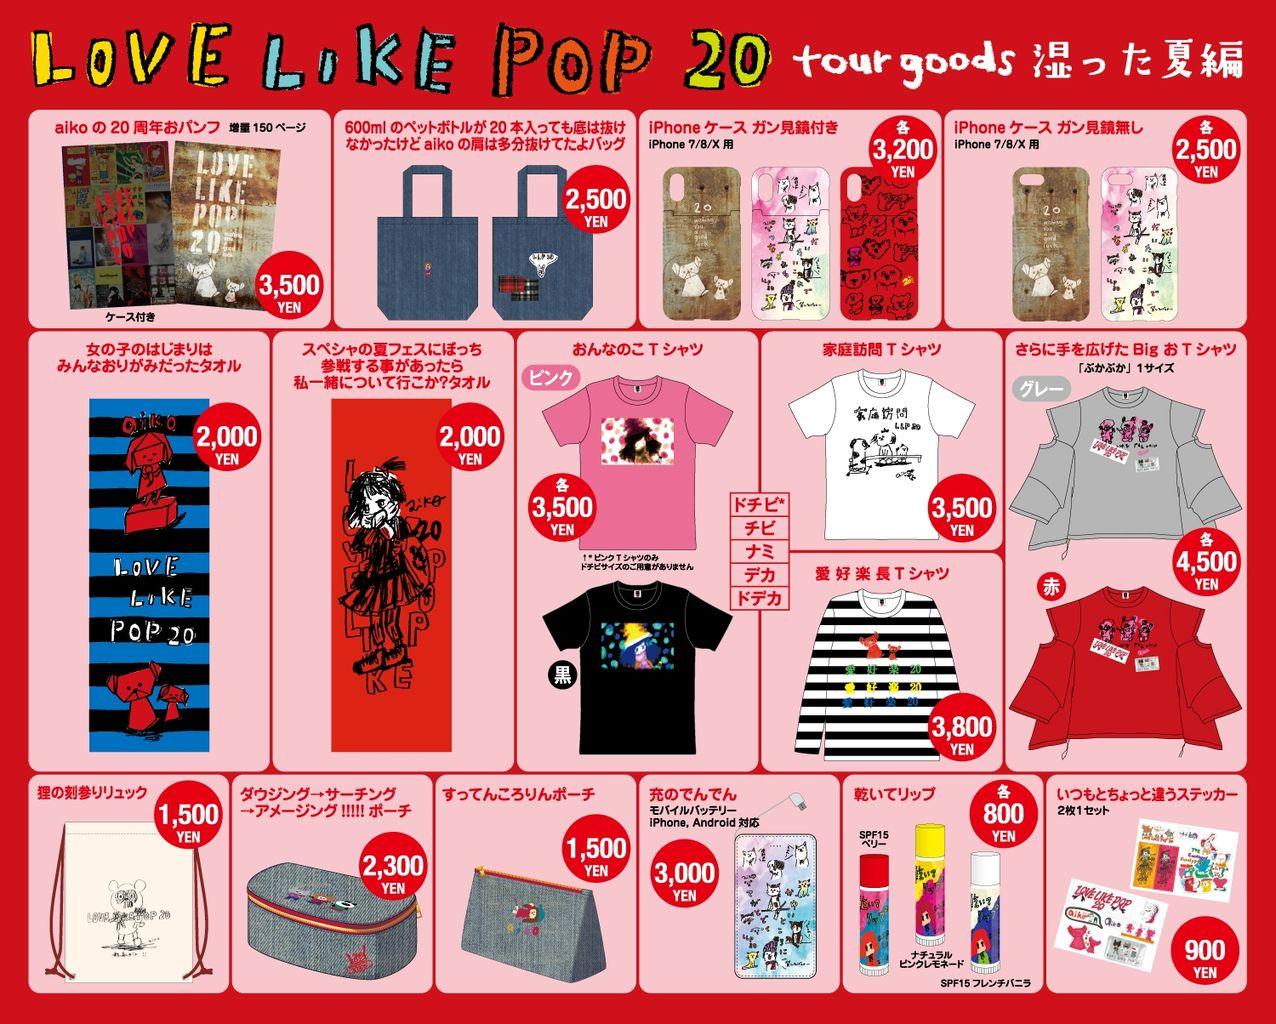 llp20_kanban_red_goods